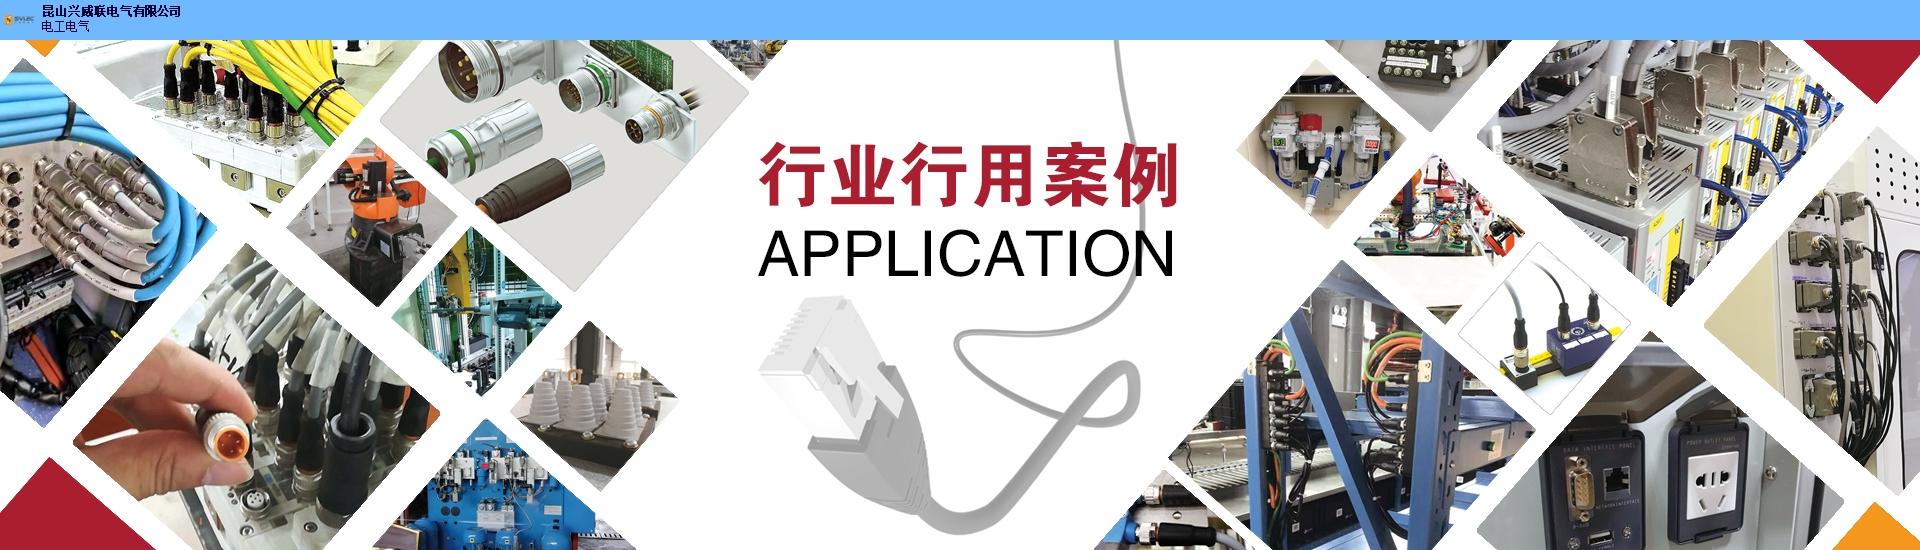 兴威联联系方式 服务为先「昆山兴威联电气供应」